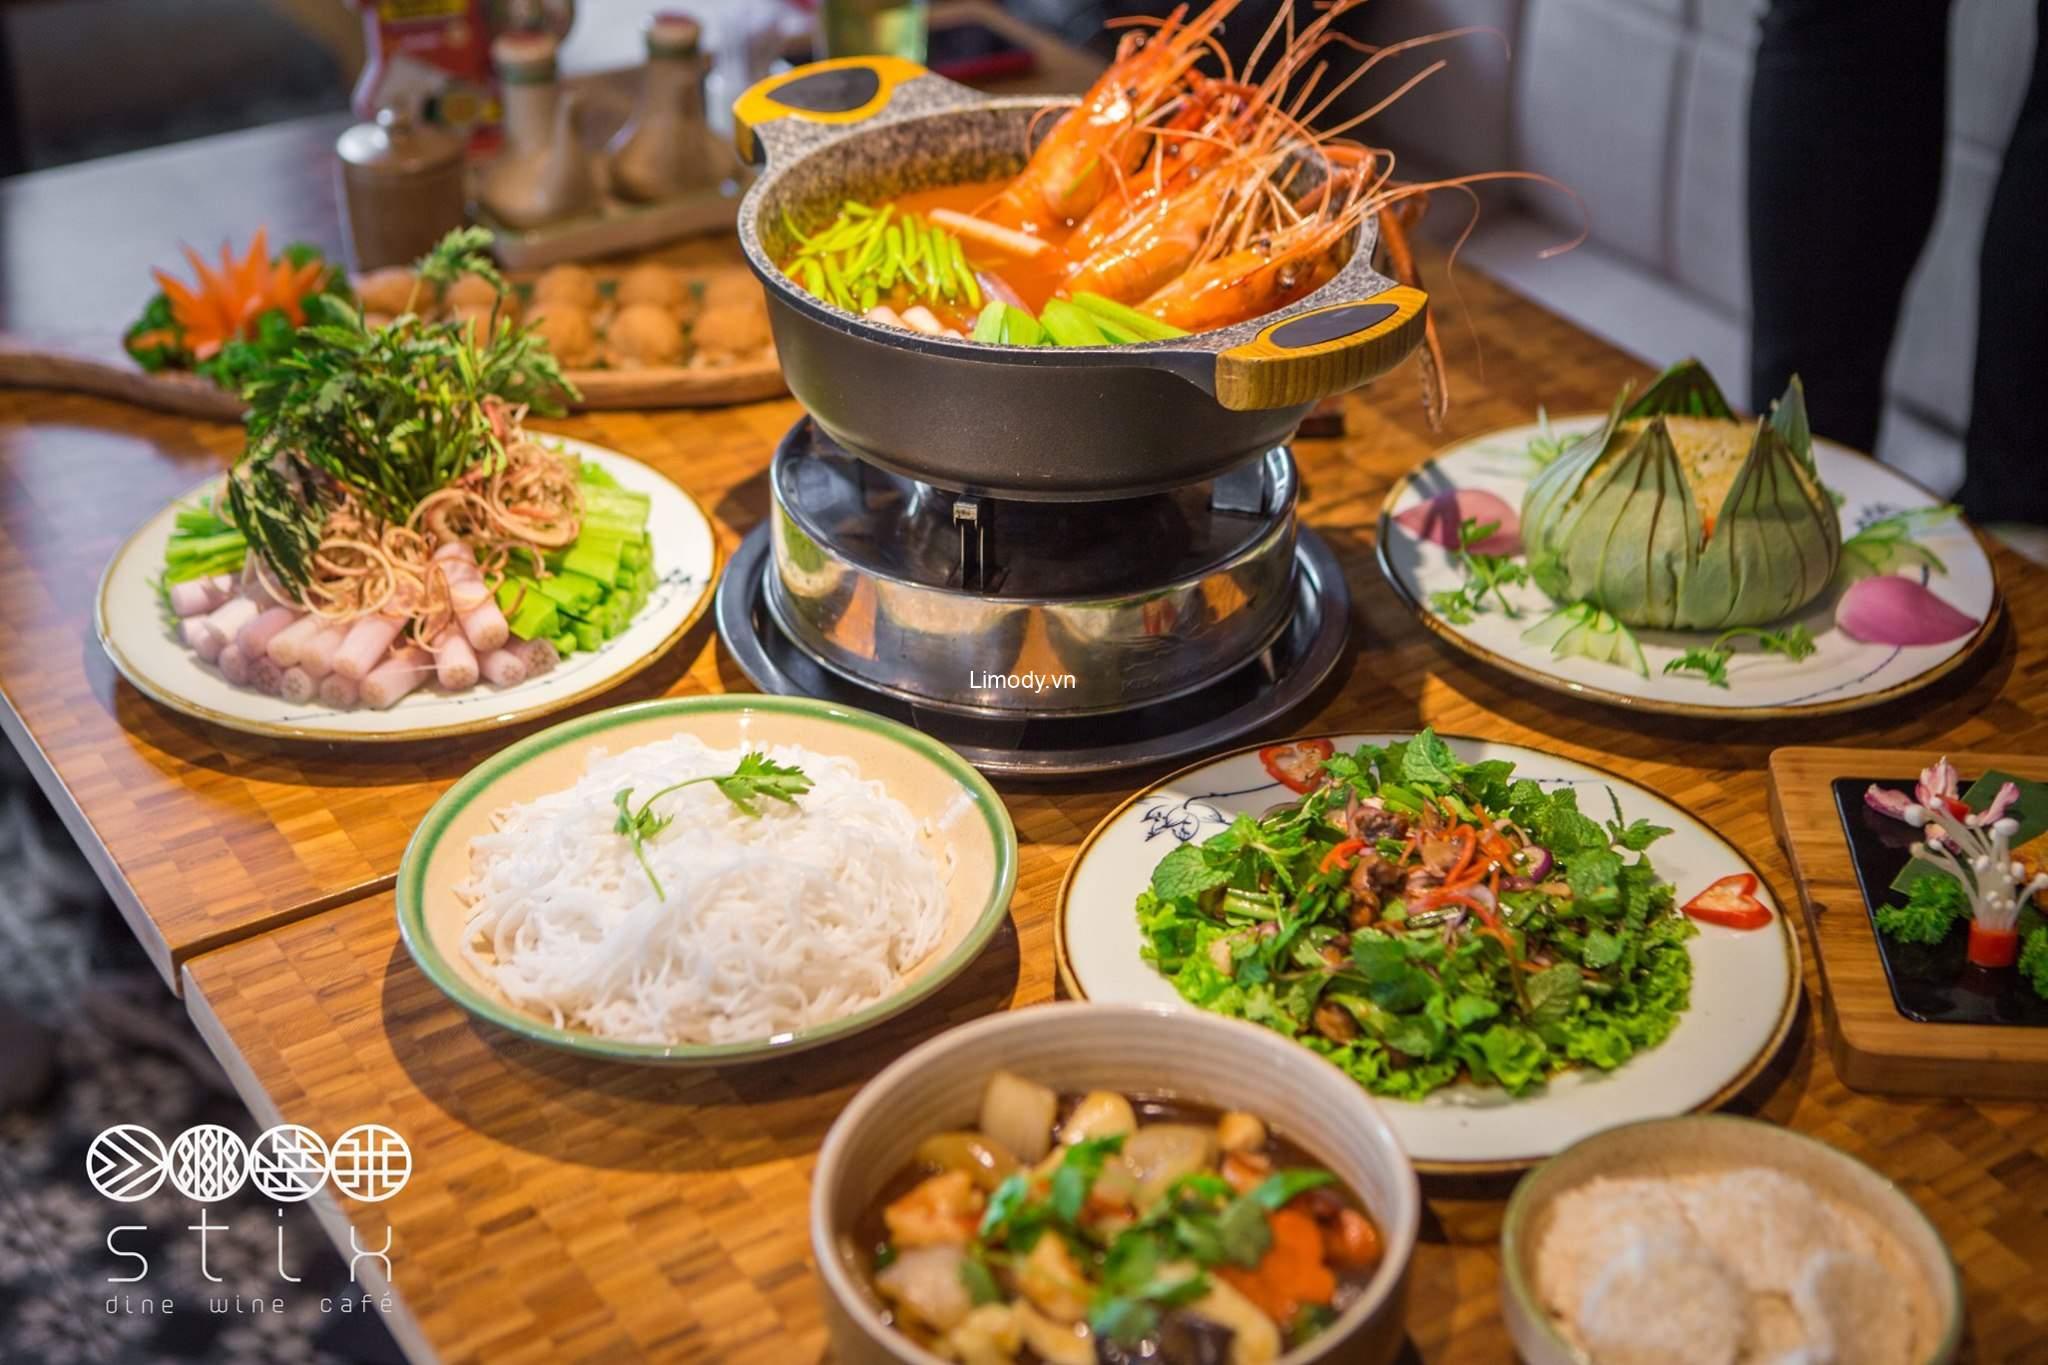 Top 20 Món ngon + nhà hàng quán ăn ngon quận 3 giá rẻ nổi tiếng nhất